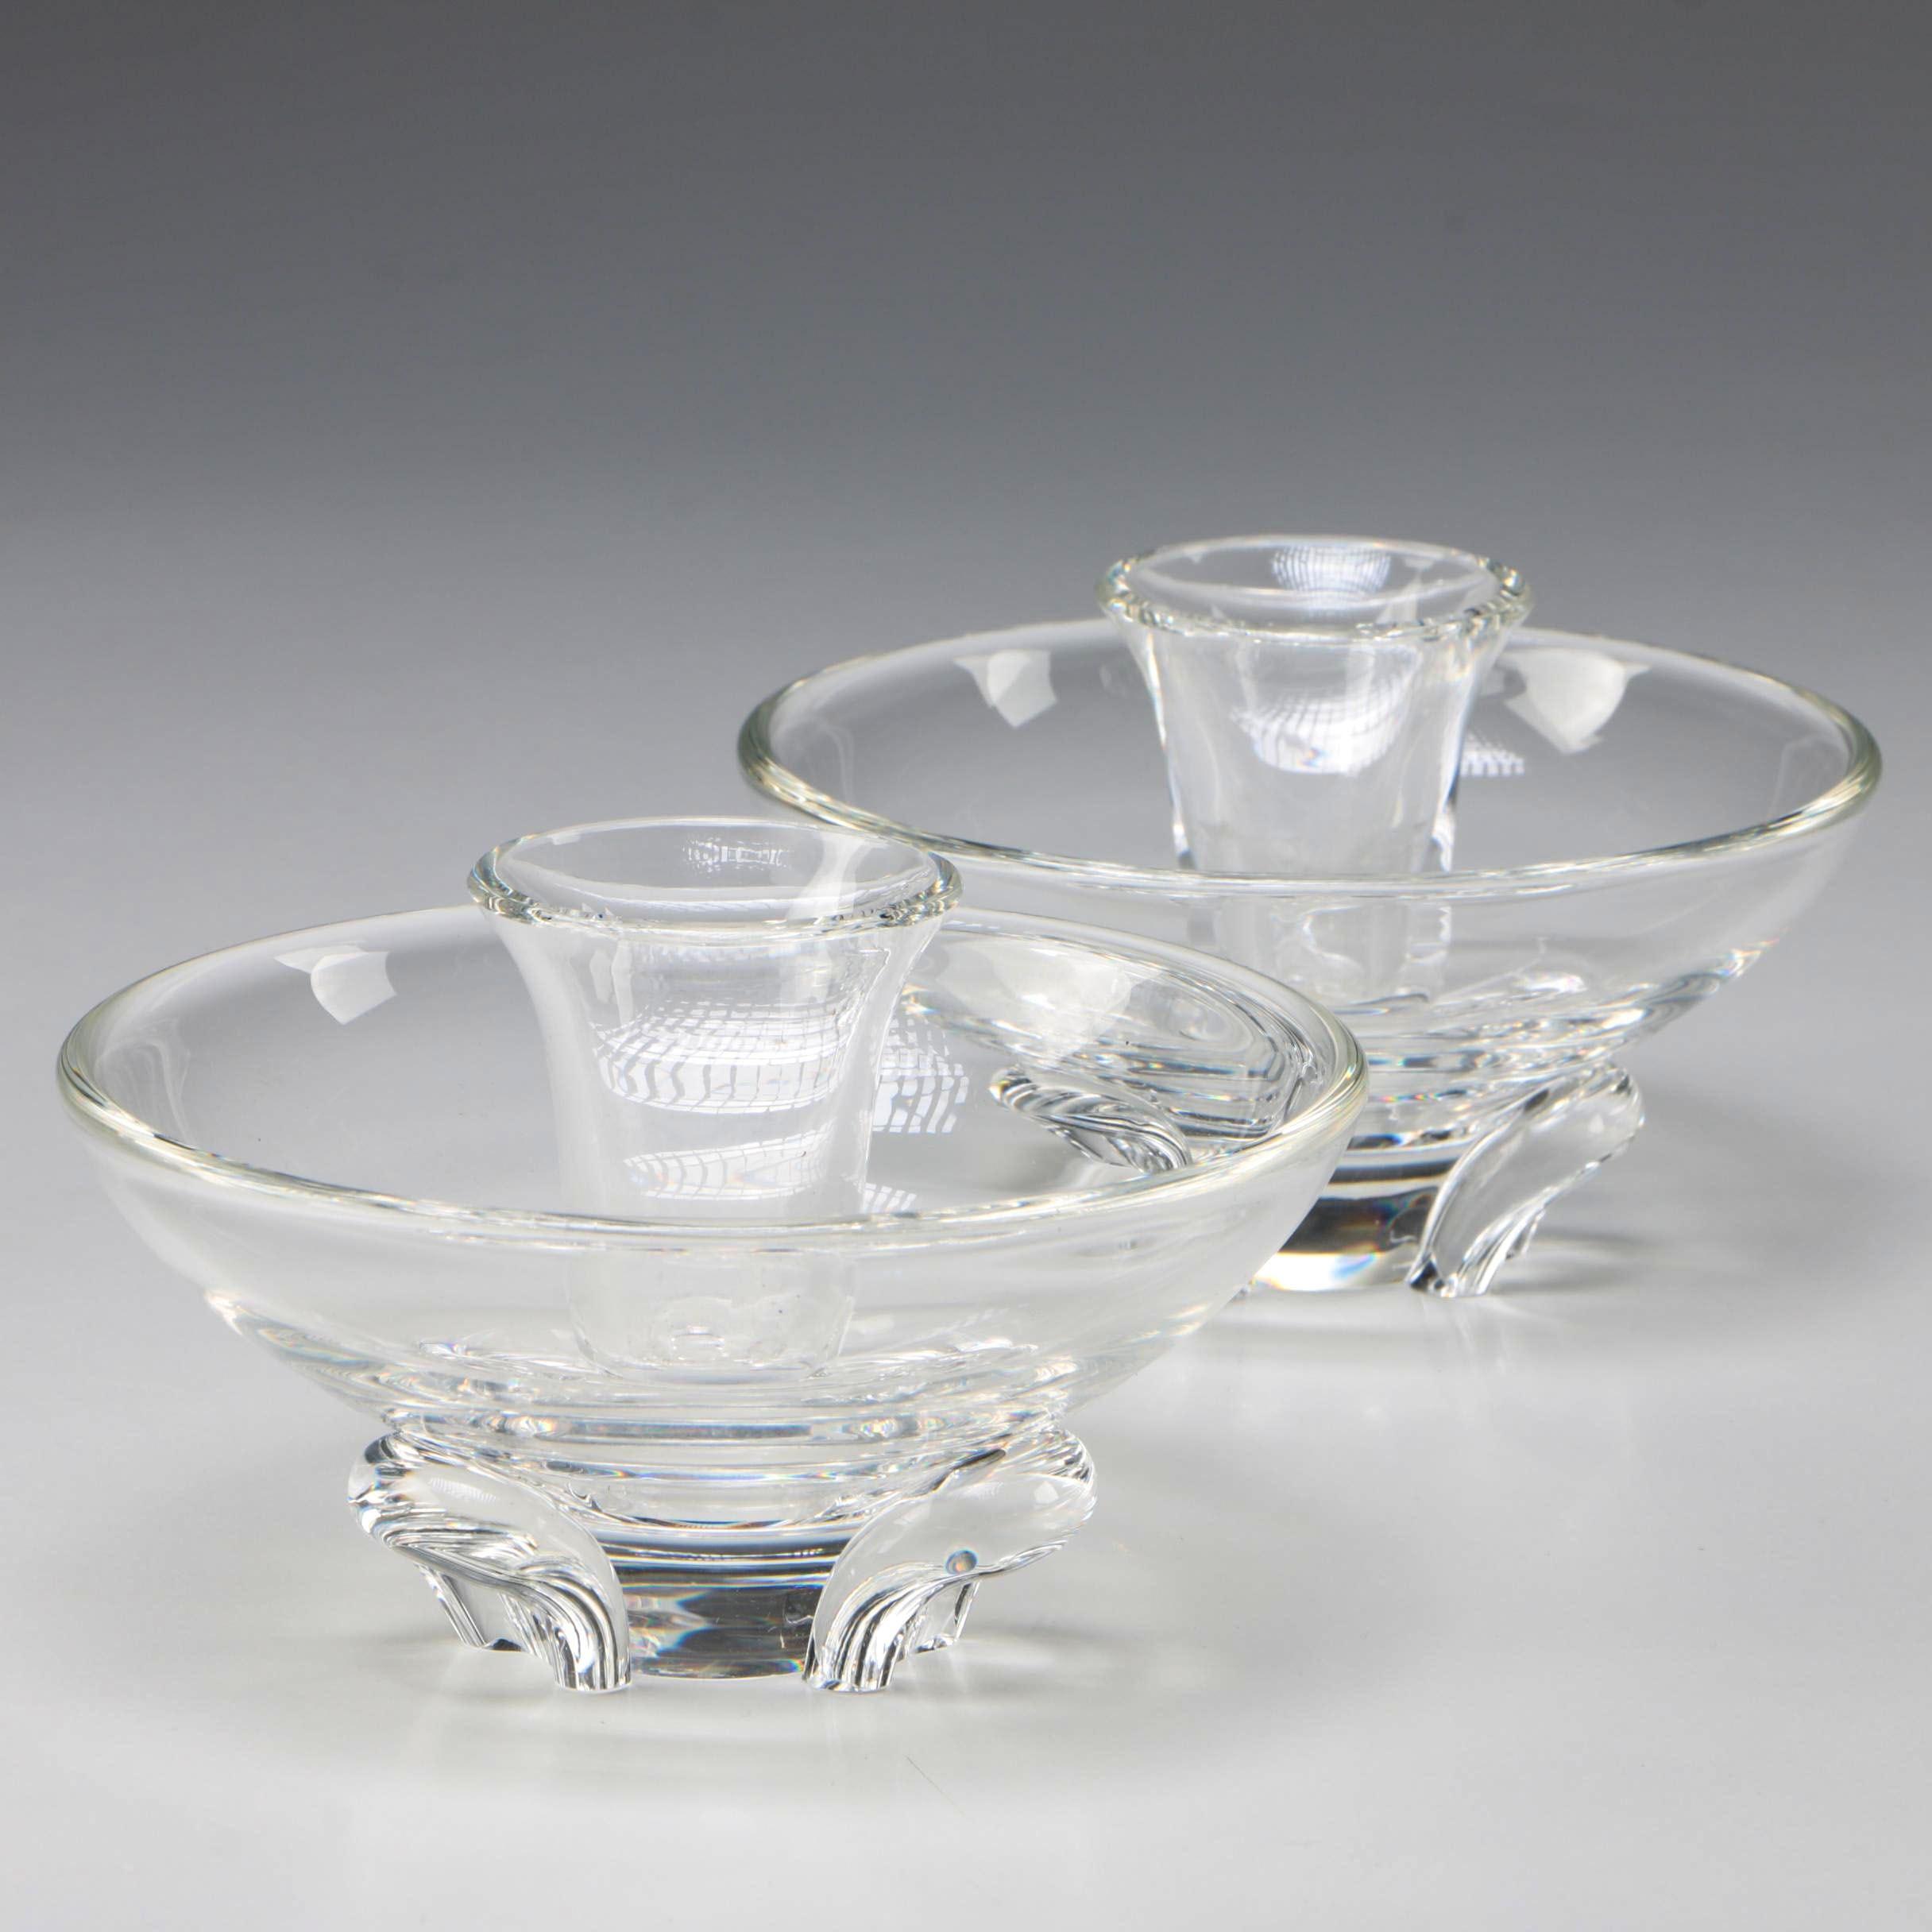 """Steuben Art Glass """"Coronet"""" Candlesticks Designed by Donald Pollard, 1956"""